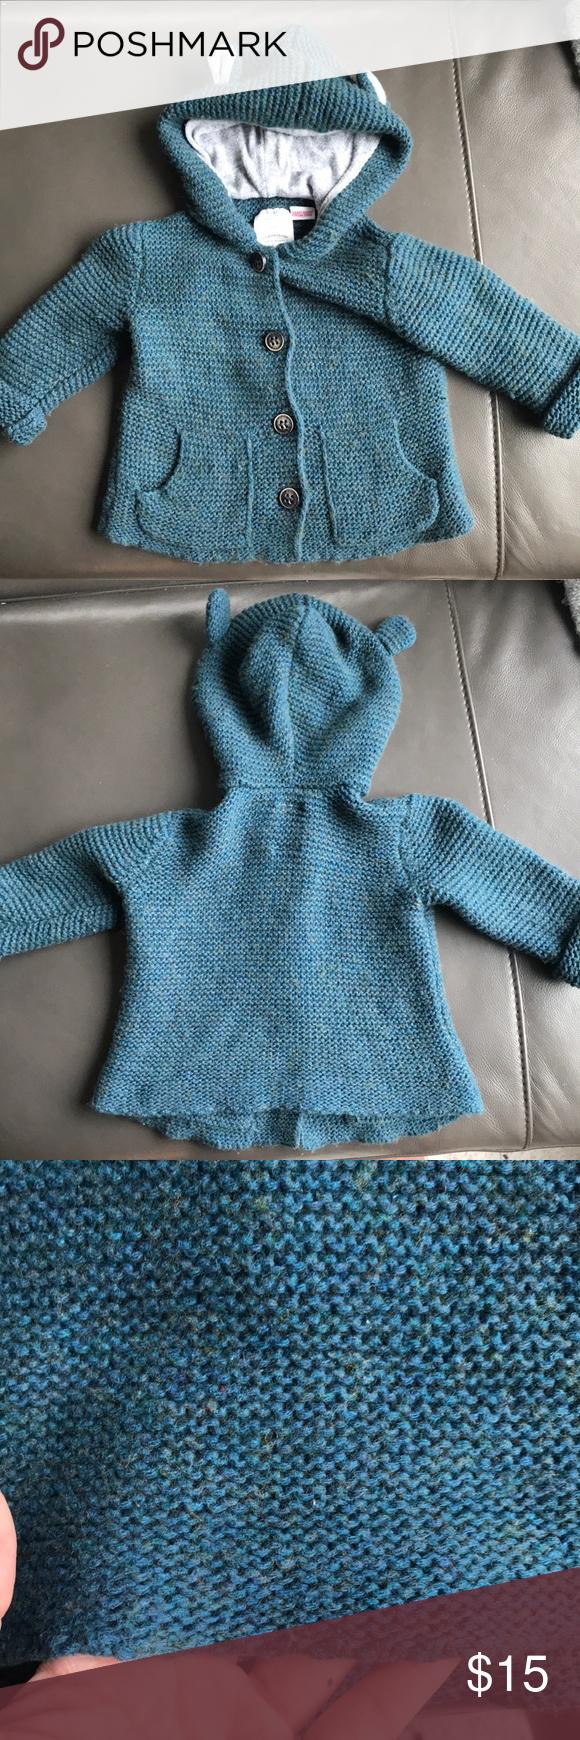 Zara baby boy knit sweater   Boys knit sweaters, Baby boy ...